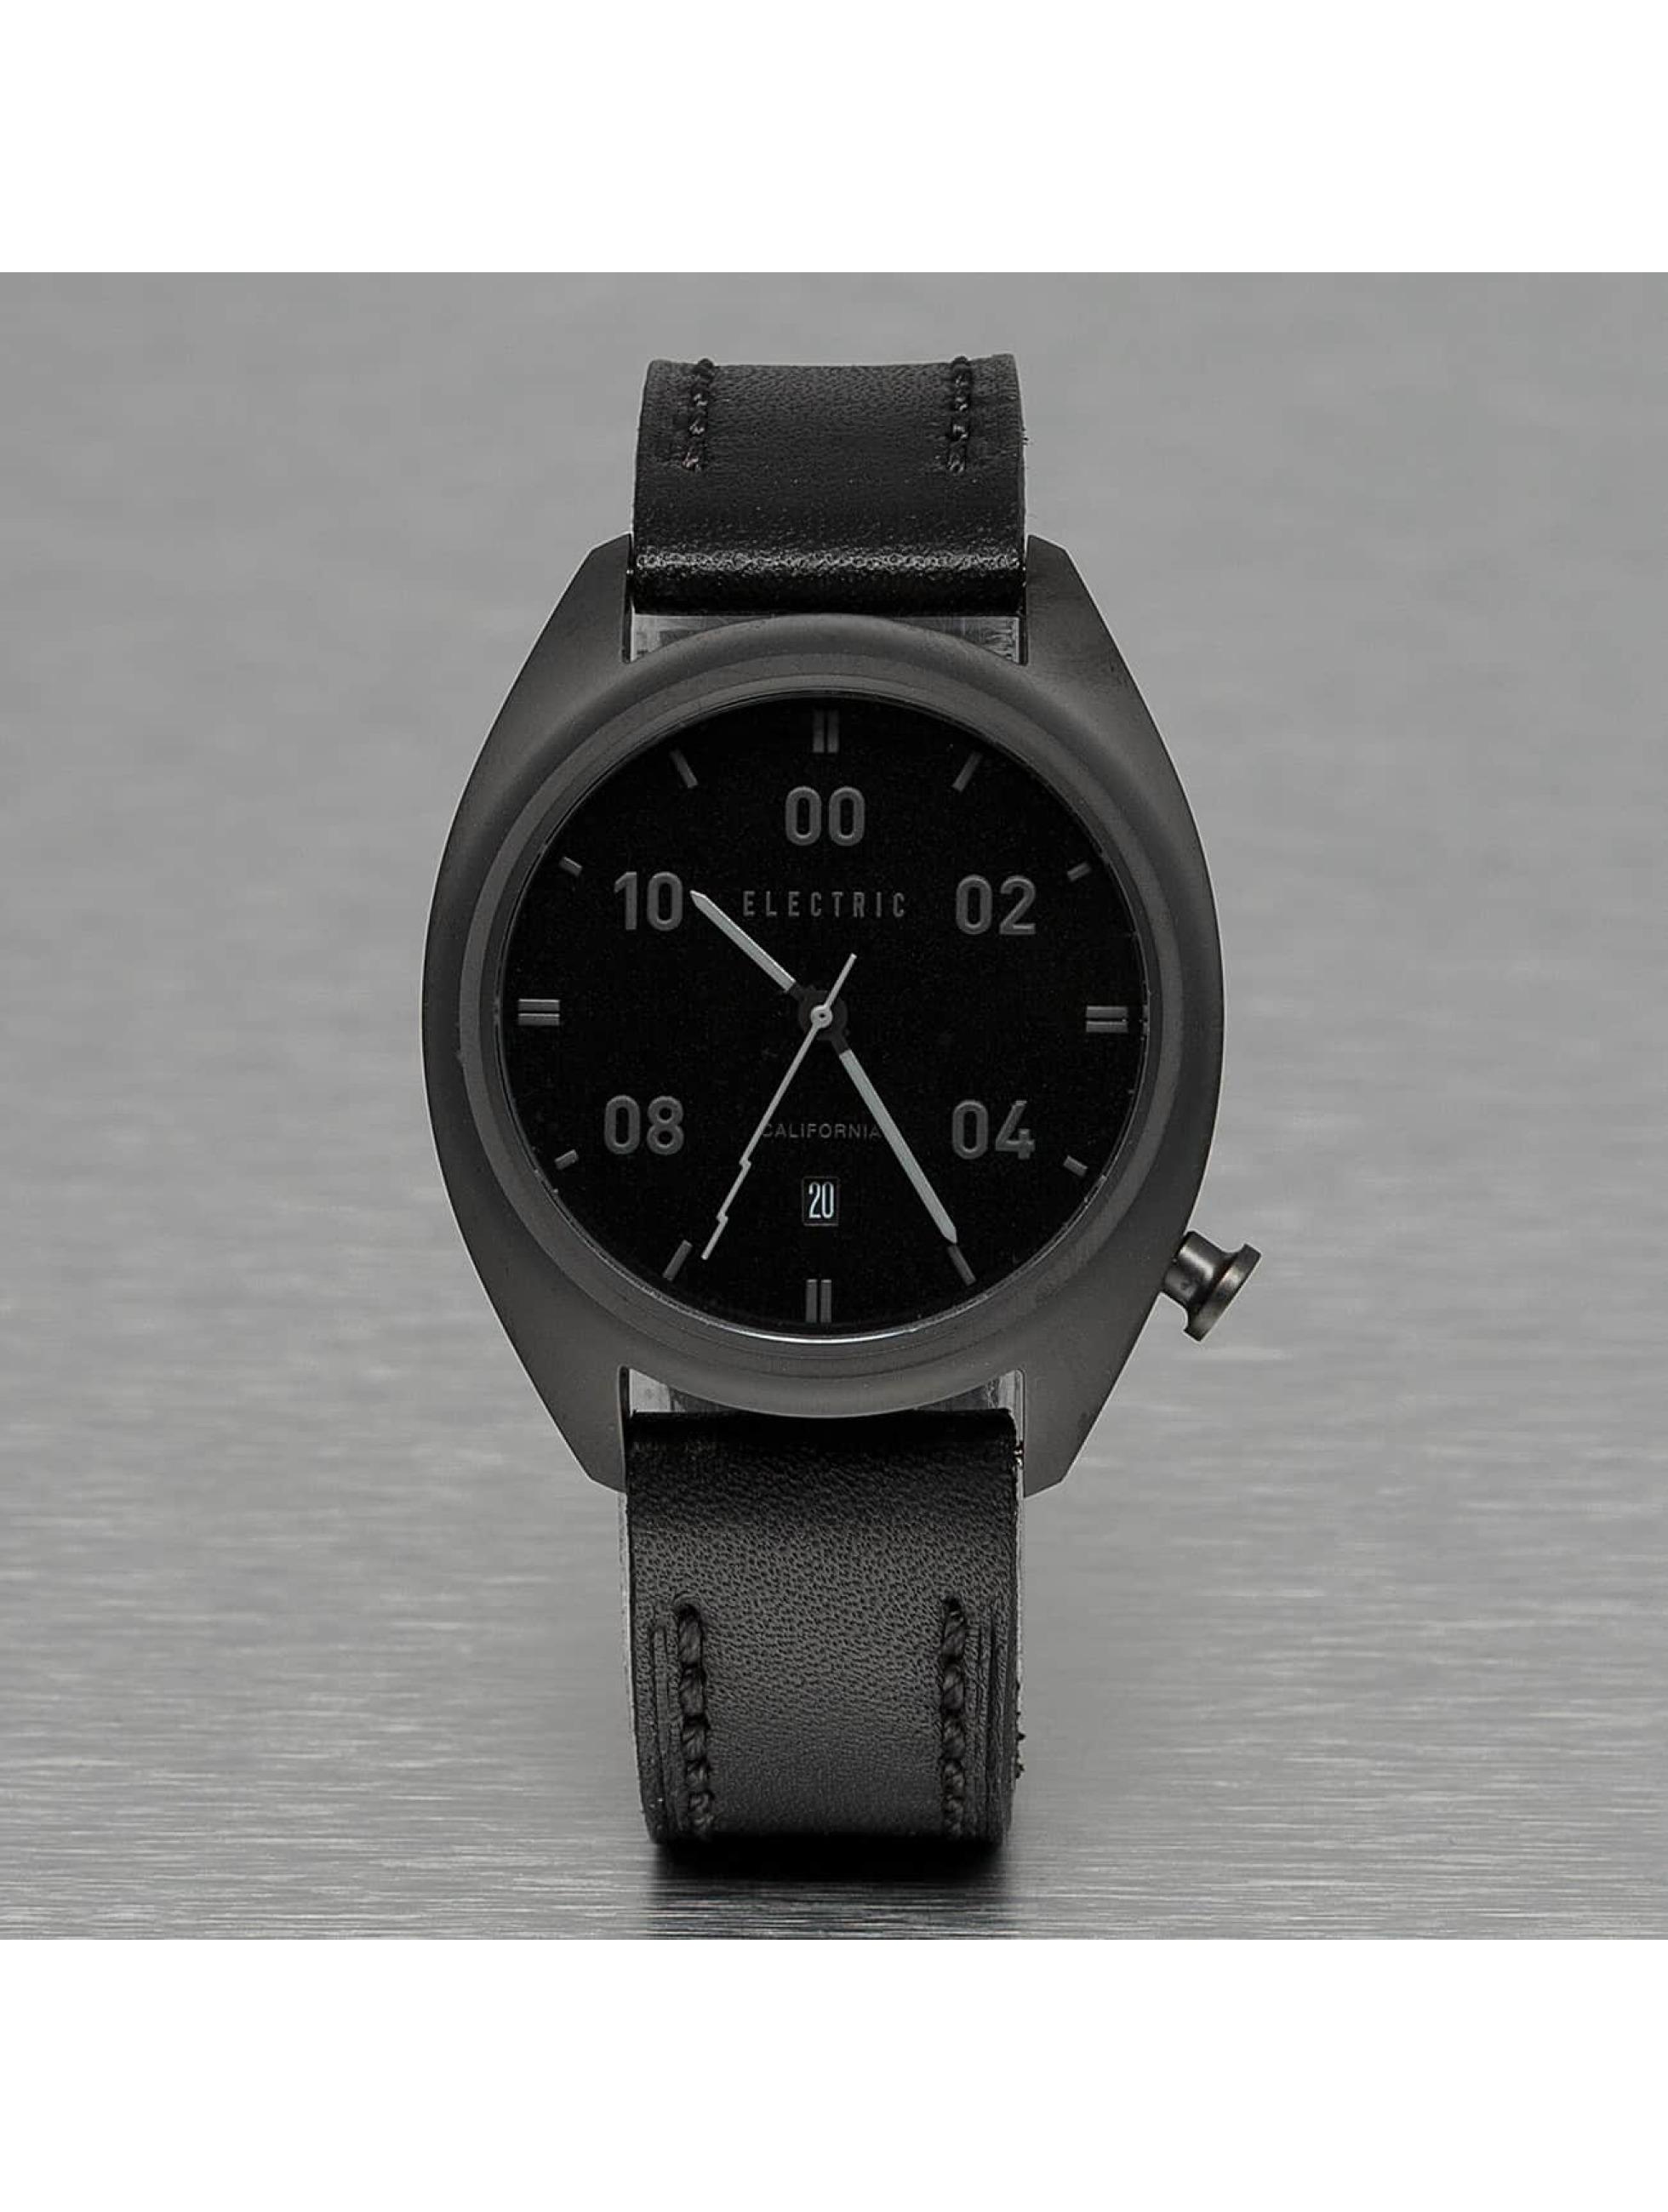 Electric Männer,Frauen Uhr OW01 Leather in schwarz